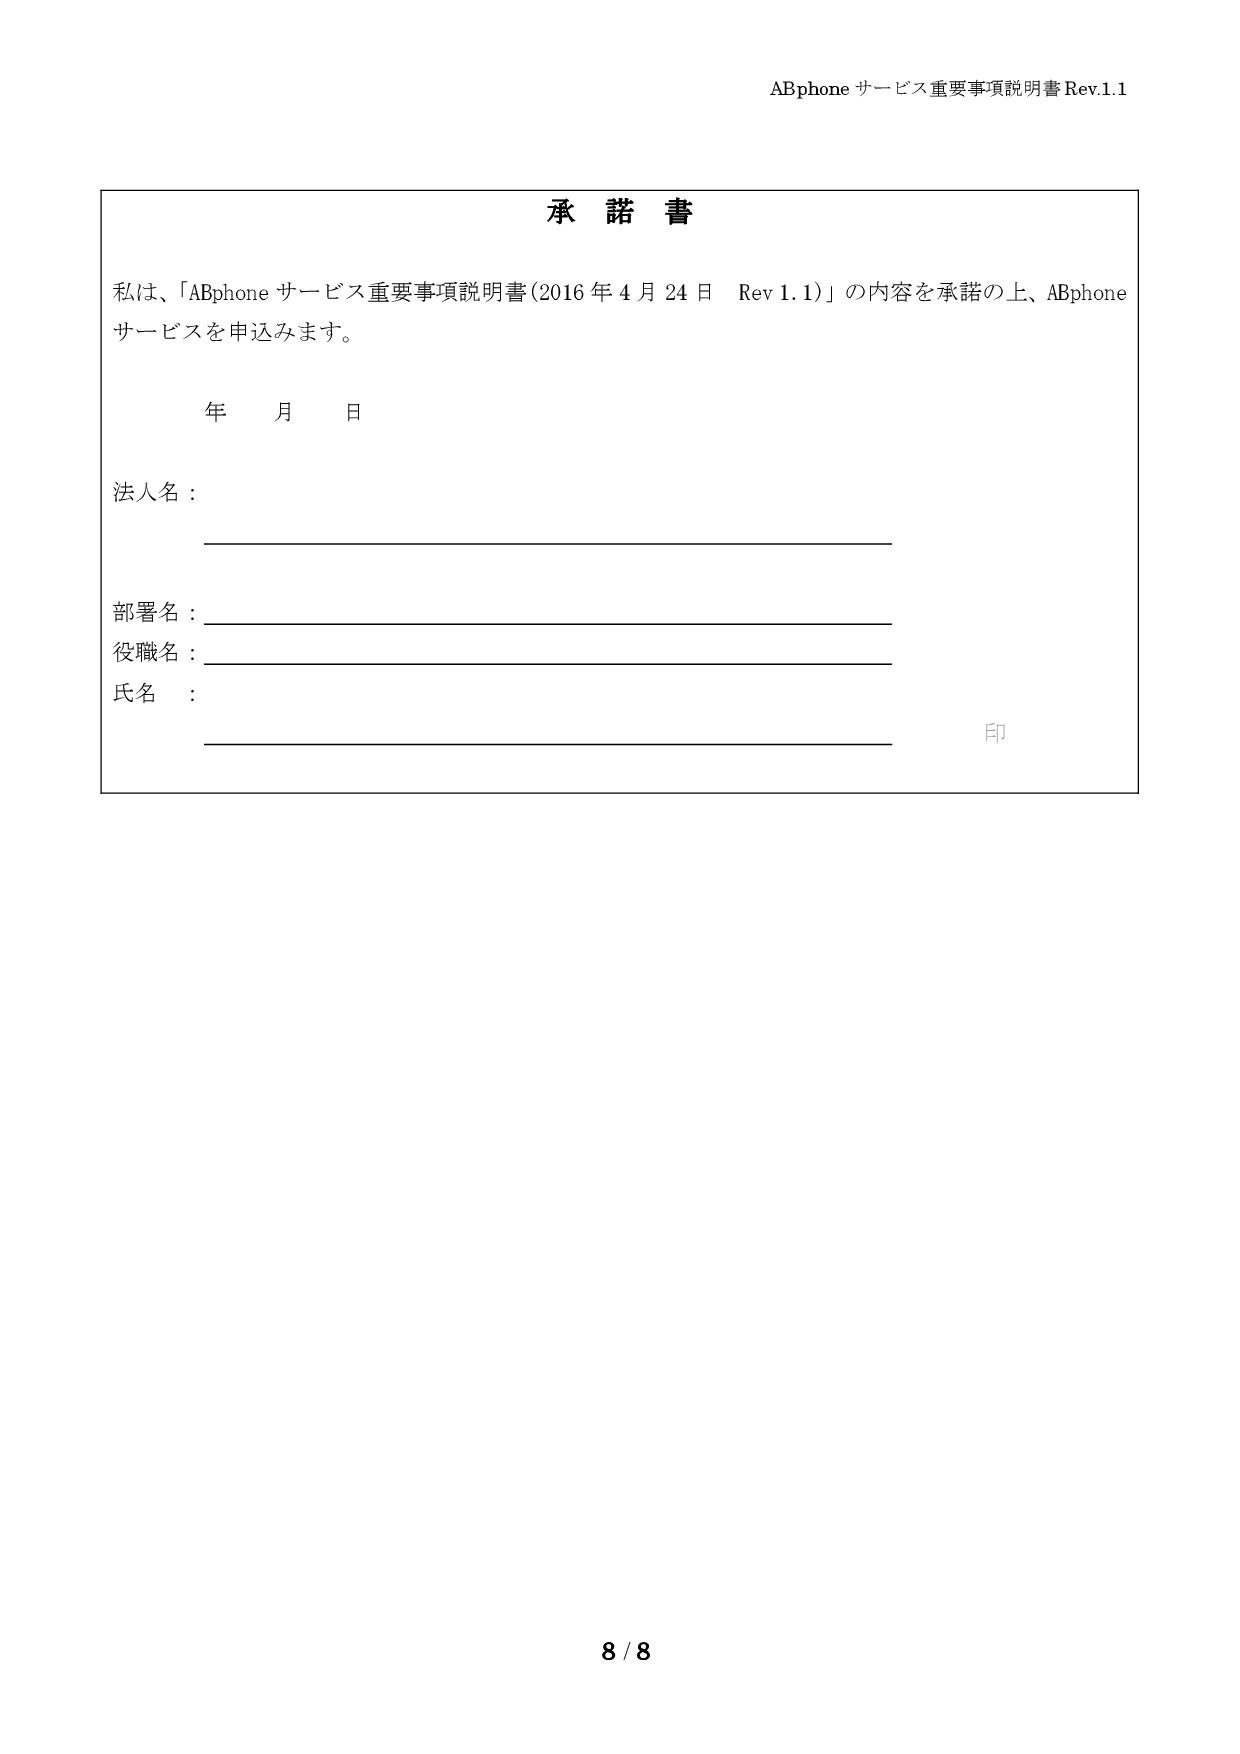 重要事項説明 8/8